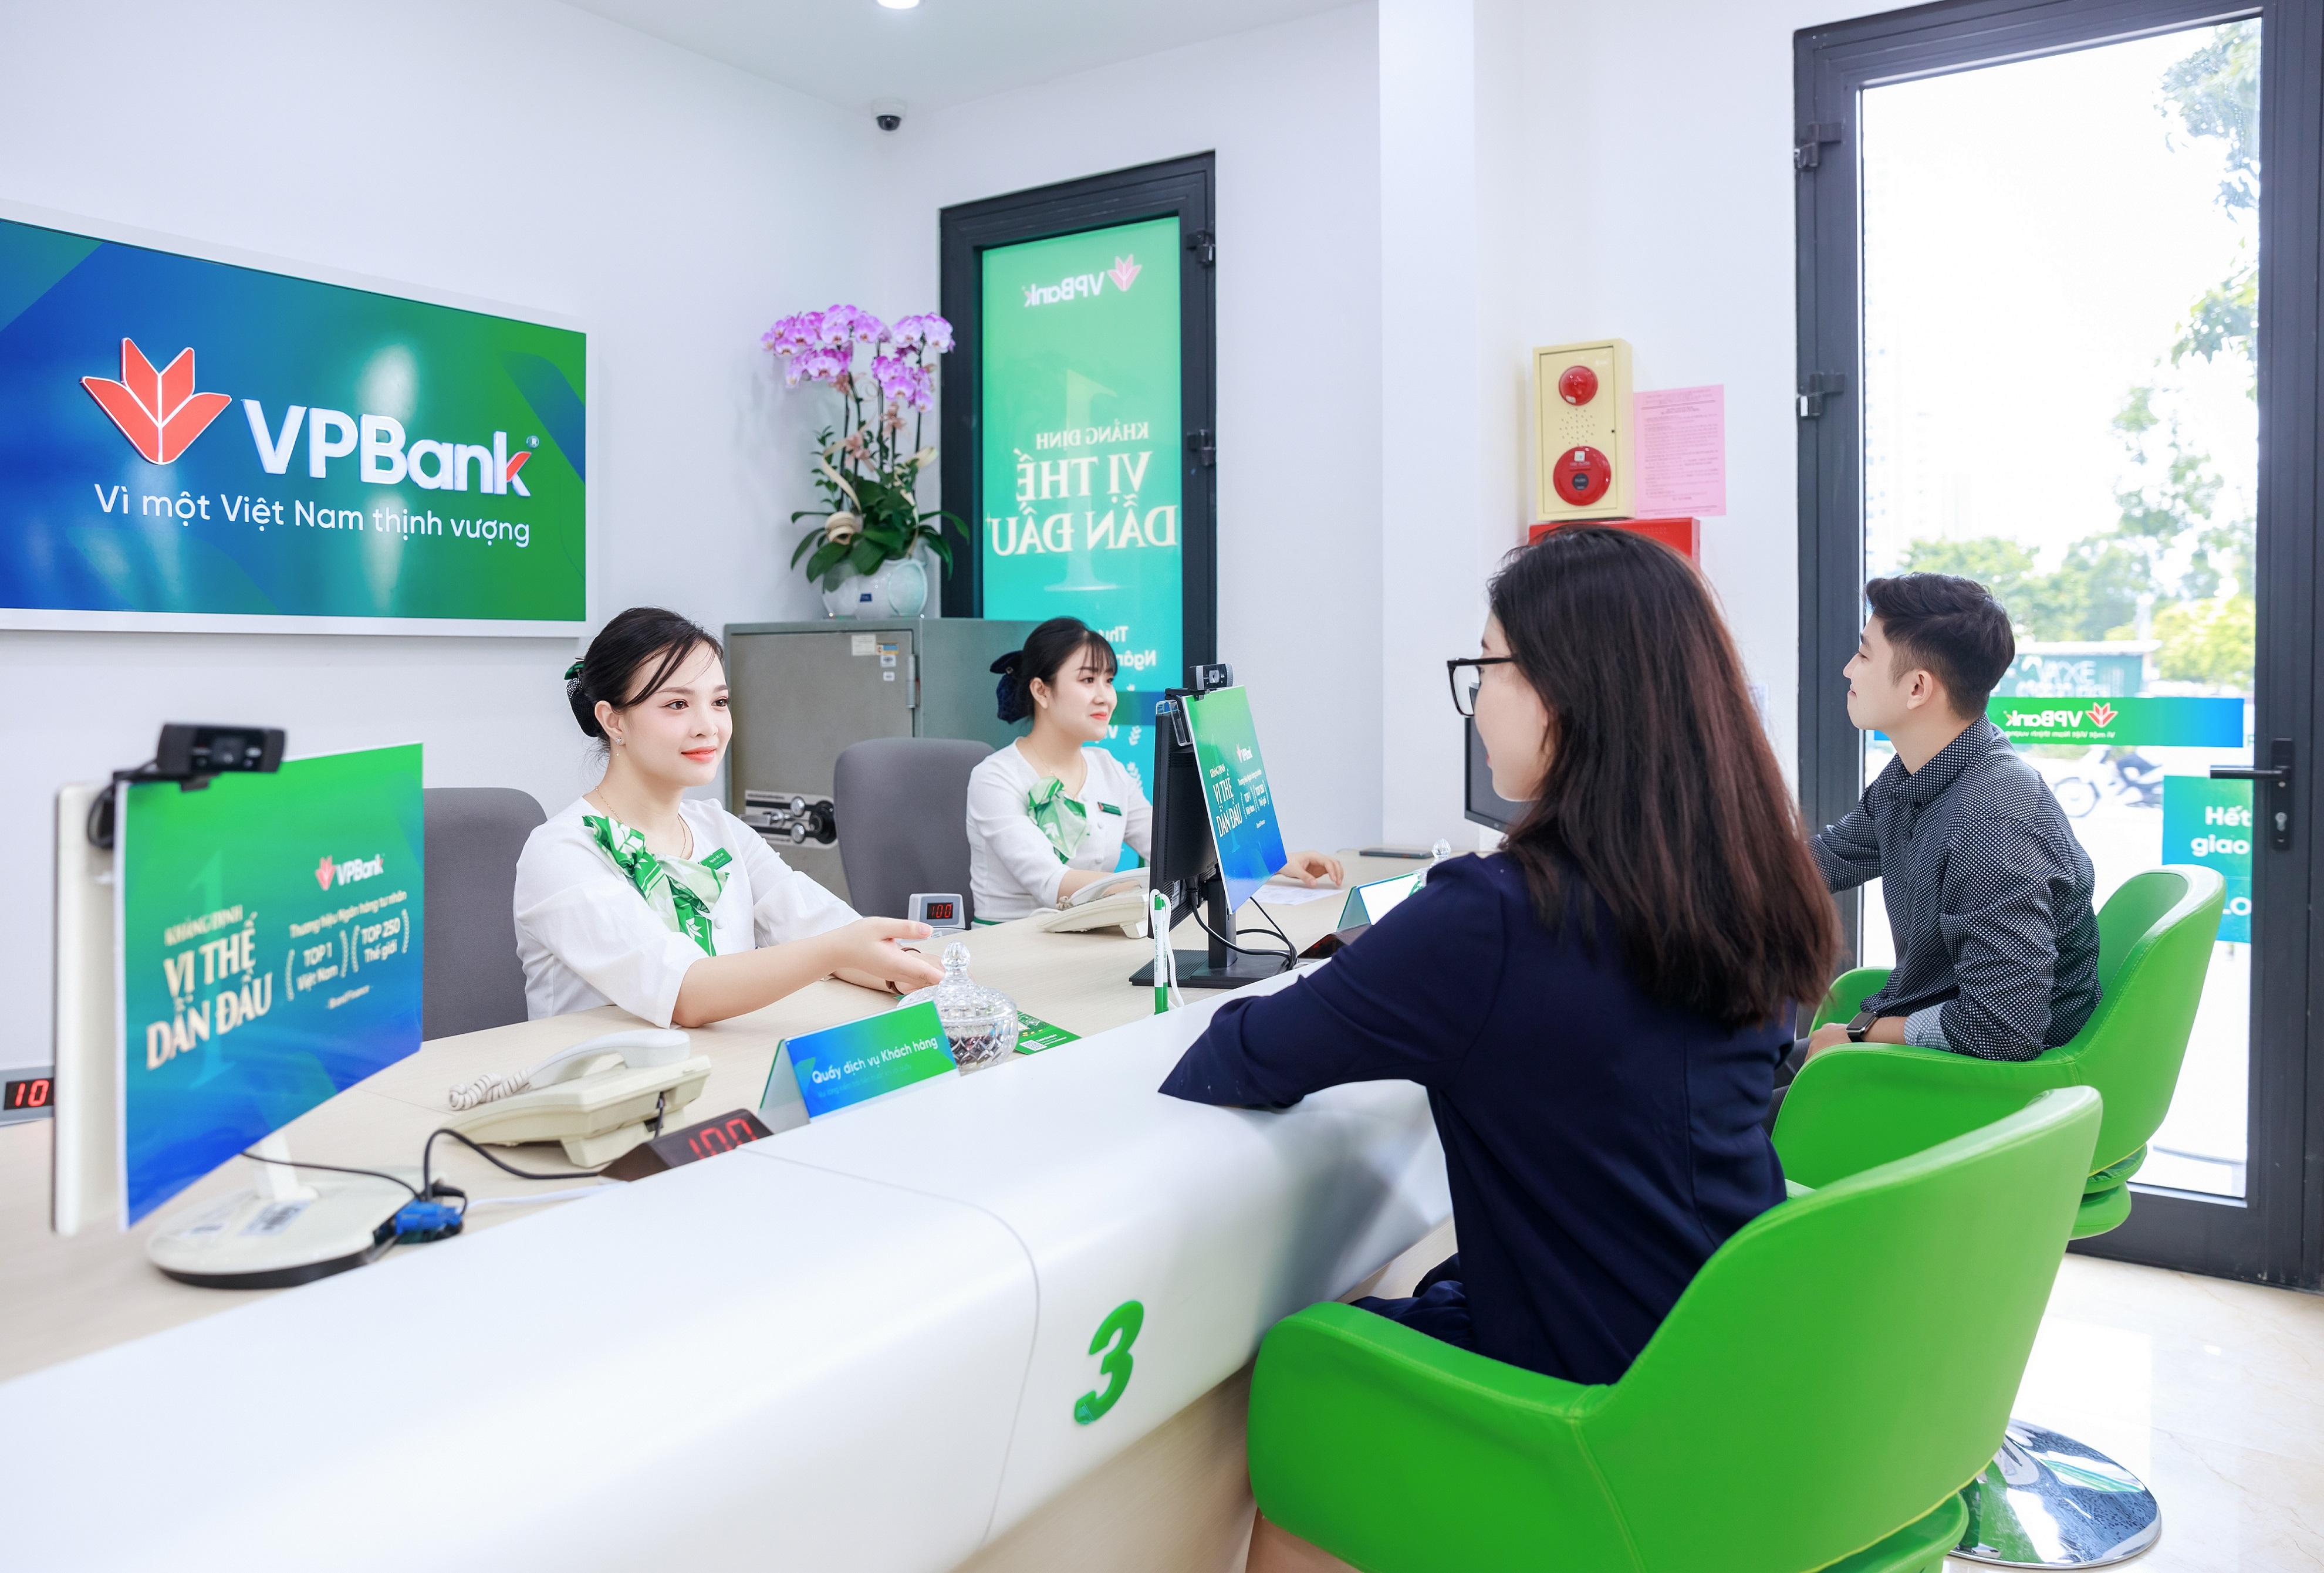 VPBank đã chủ động hỗ trợ giảm lãi suất cho hơn 107 nghìn khách hàng